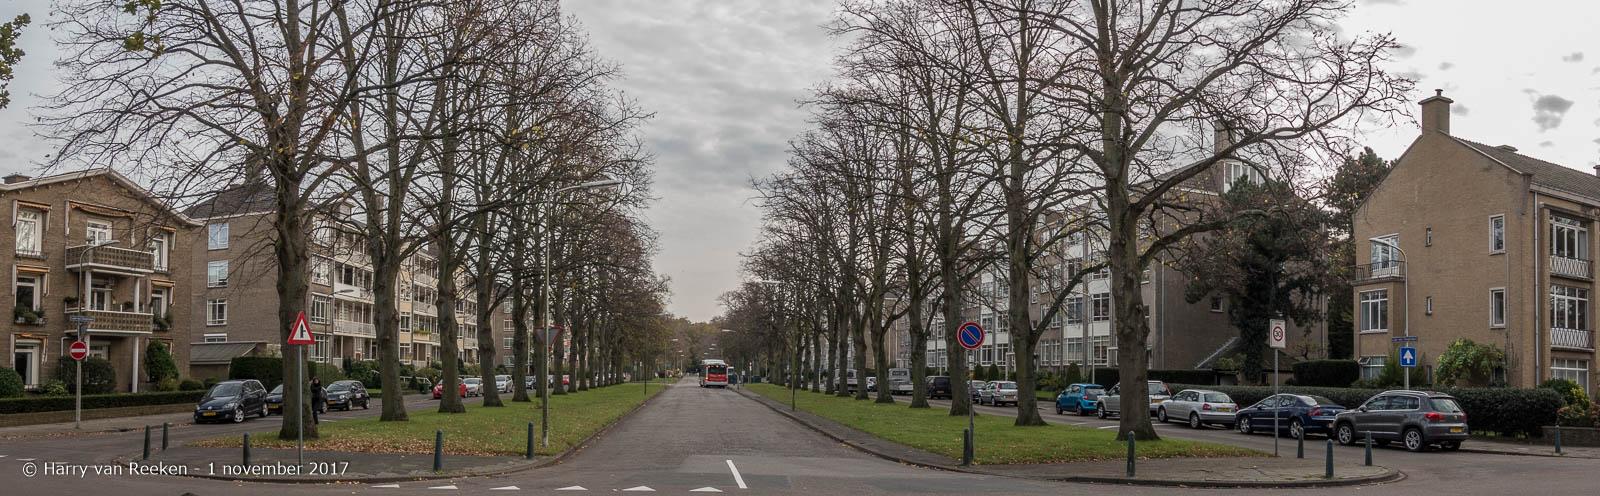 Laan van Clingendael - Benoordenhout-1-Pano